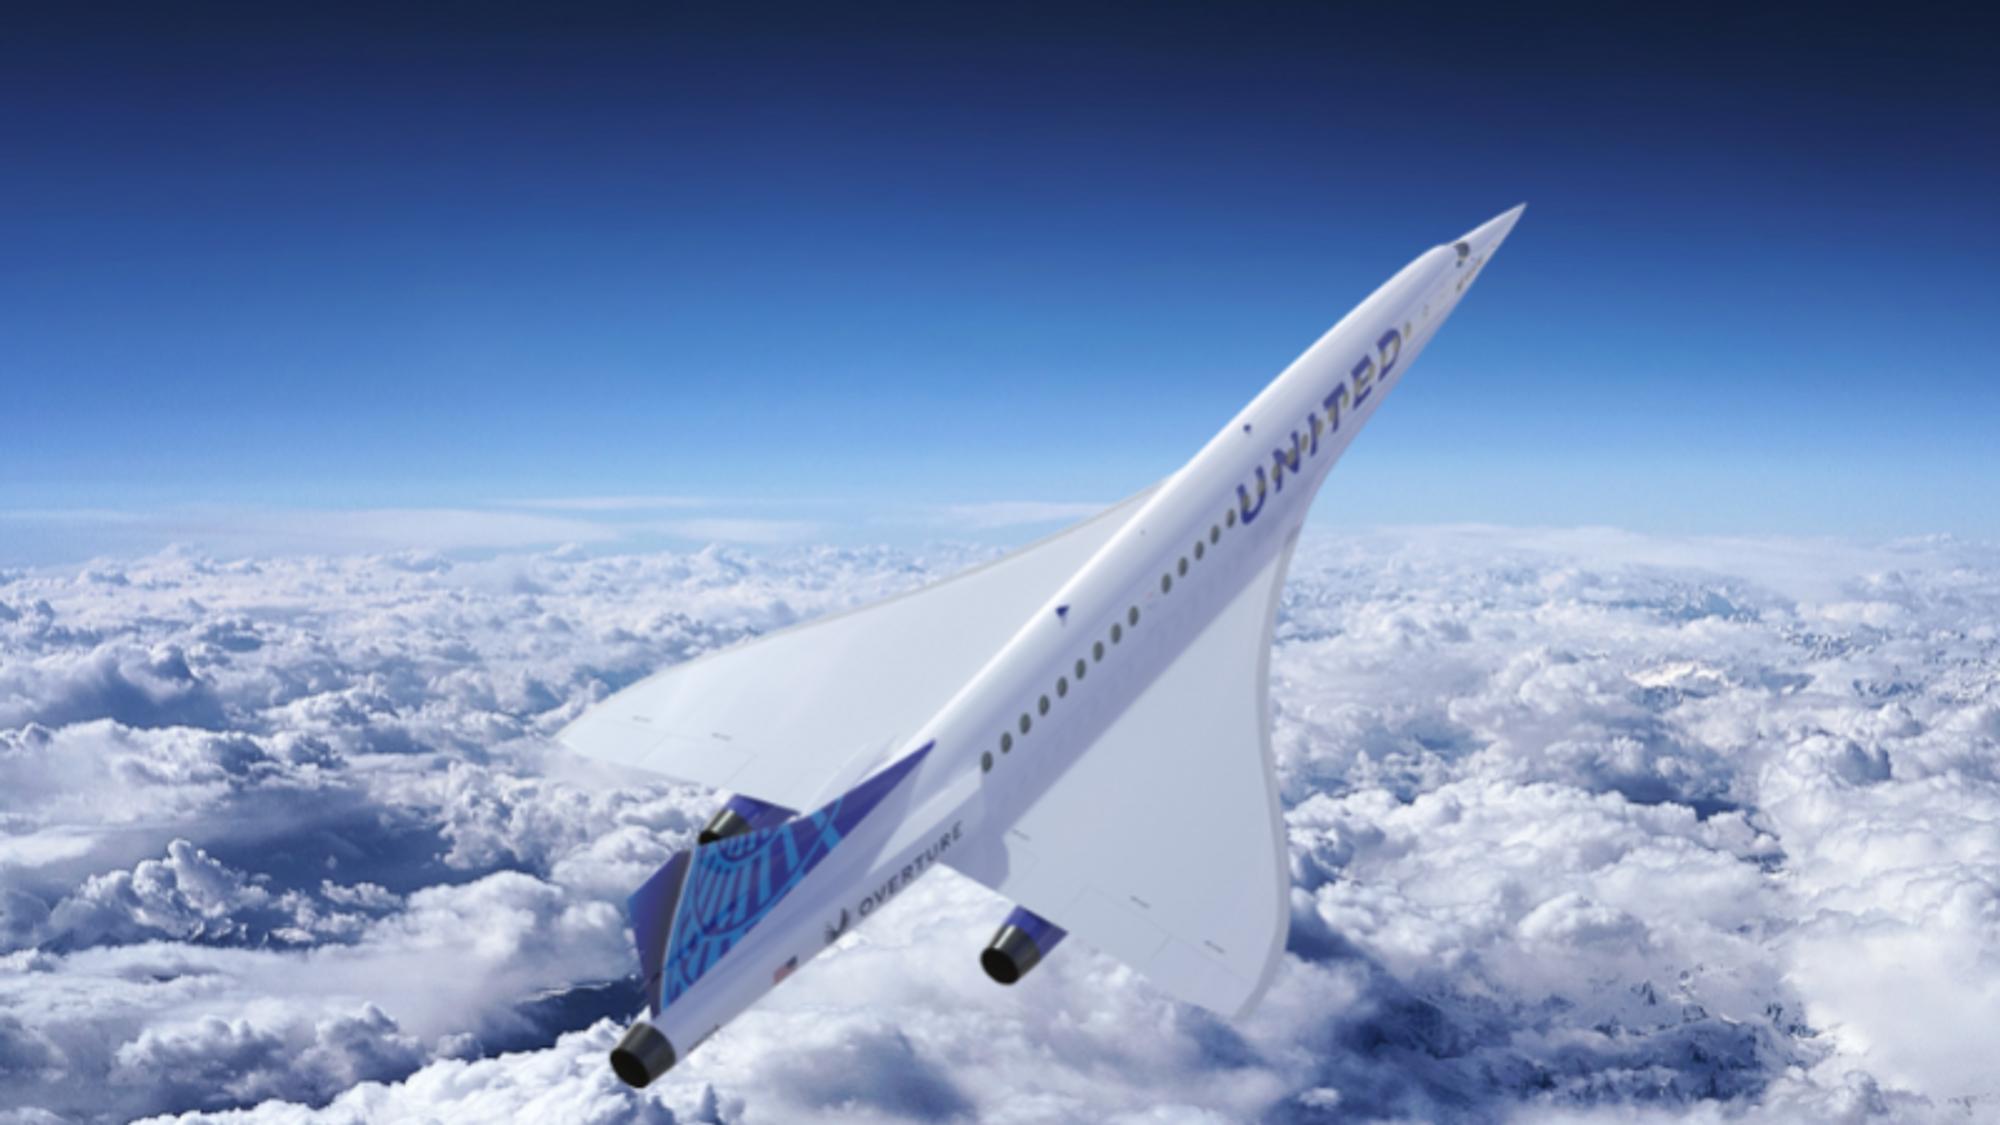 Første tur med passasjerer vil gå i 2029, er planen.